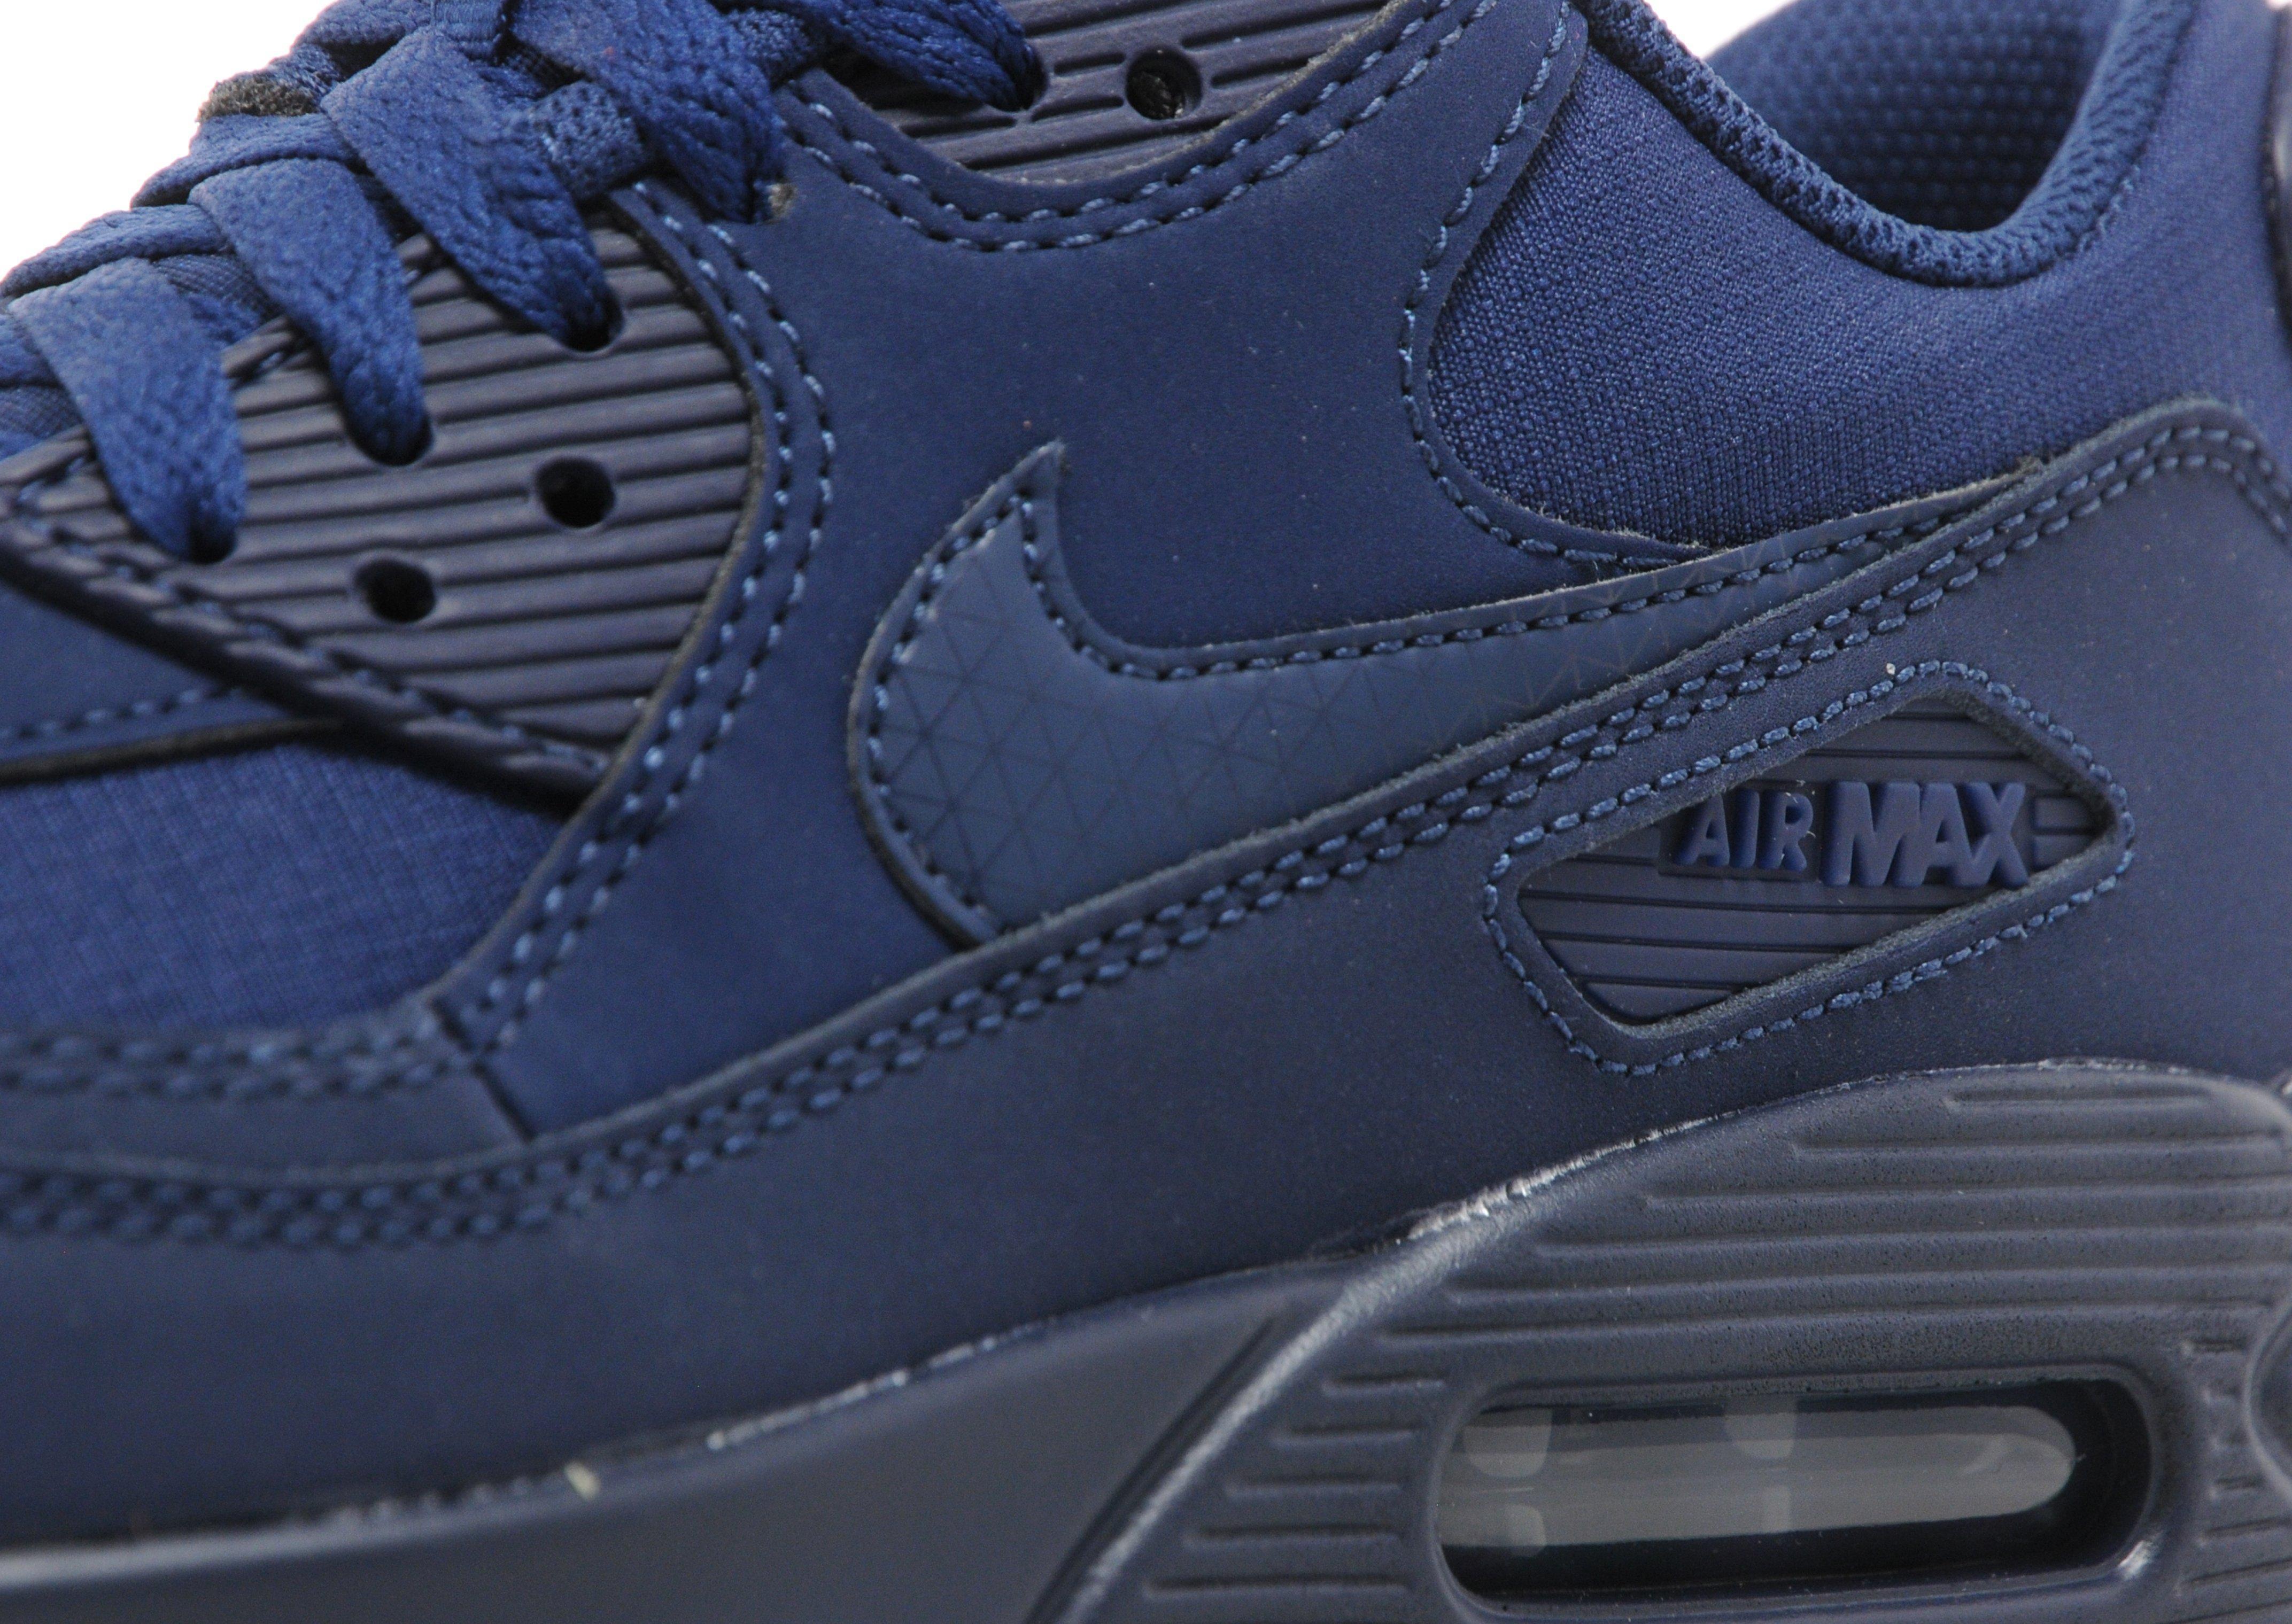 2014 nouveau Nike Air Max 90 Jd Bleu Marine Roi confortable en ligne jeu  2014 nouveau